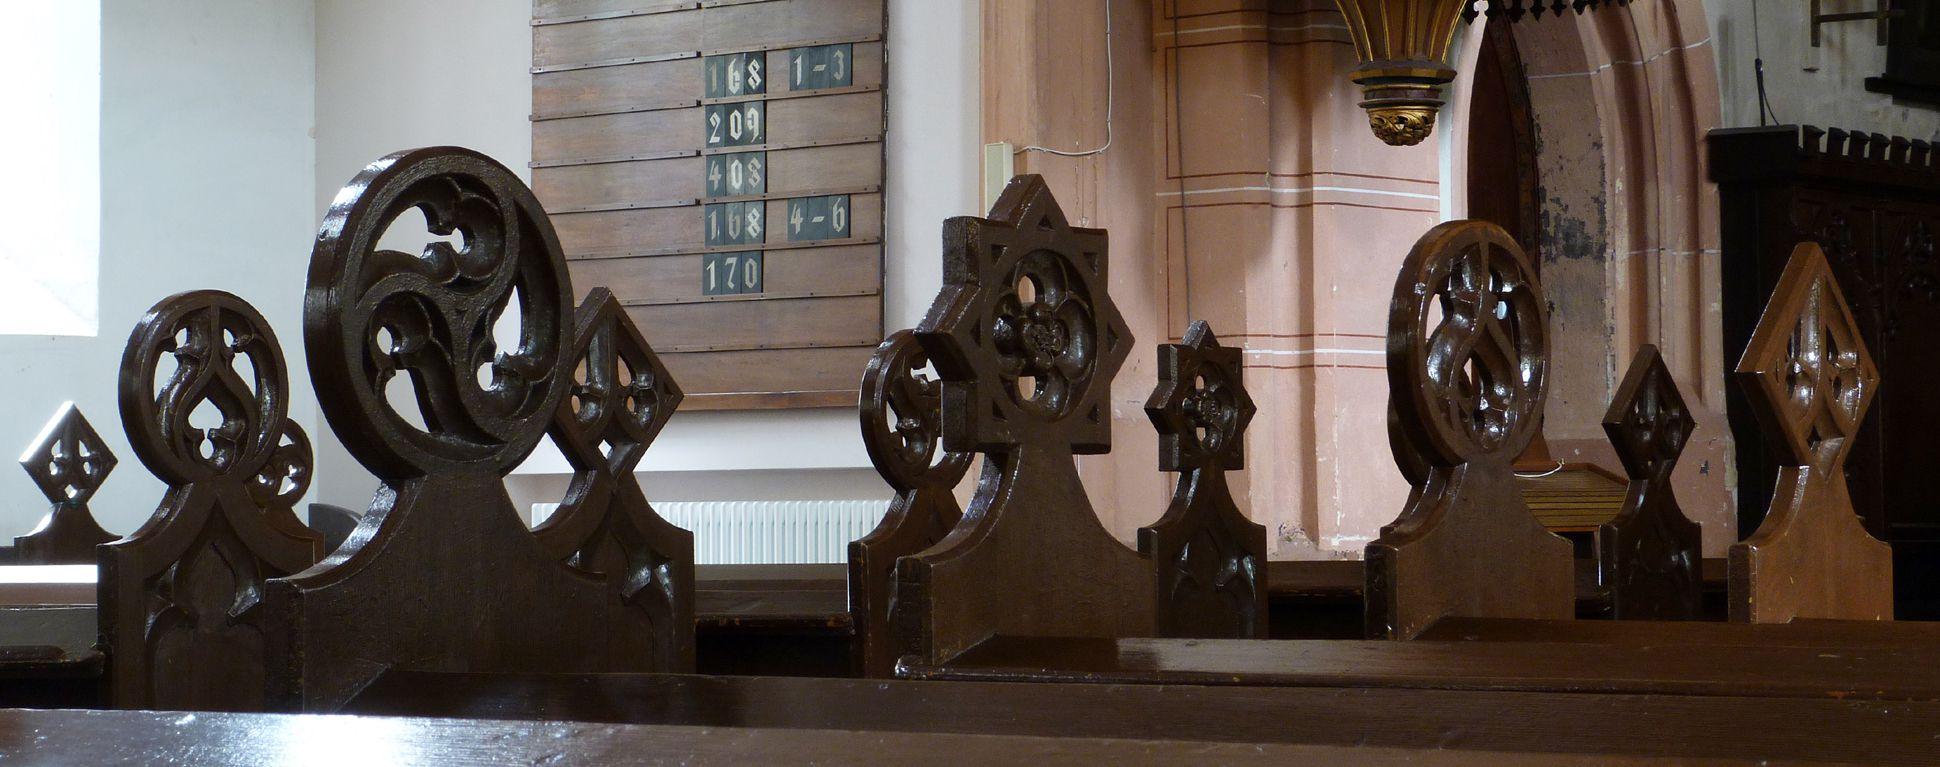 Stadtkirche St. Peter (Sonneberg) Couronnements der Bankwangen